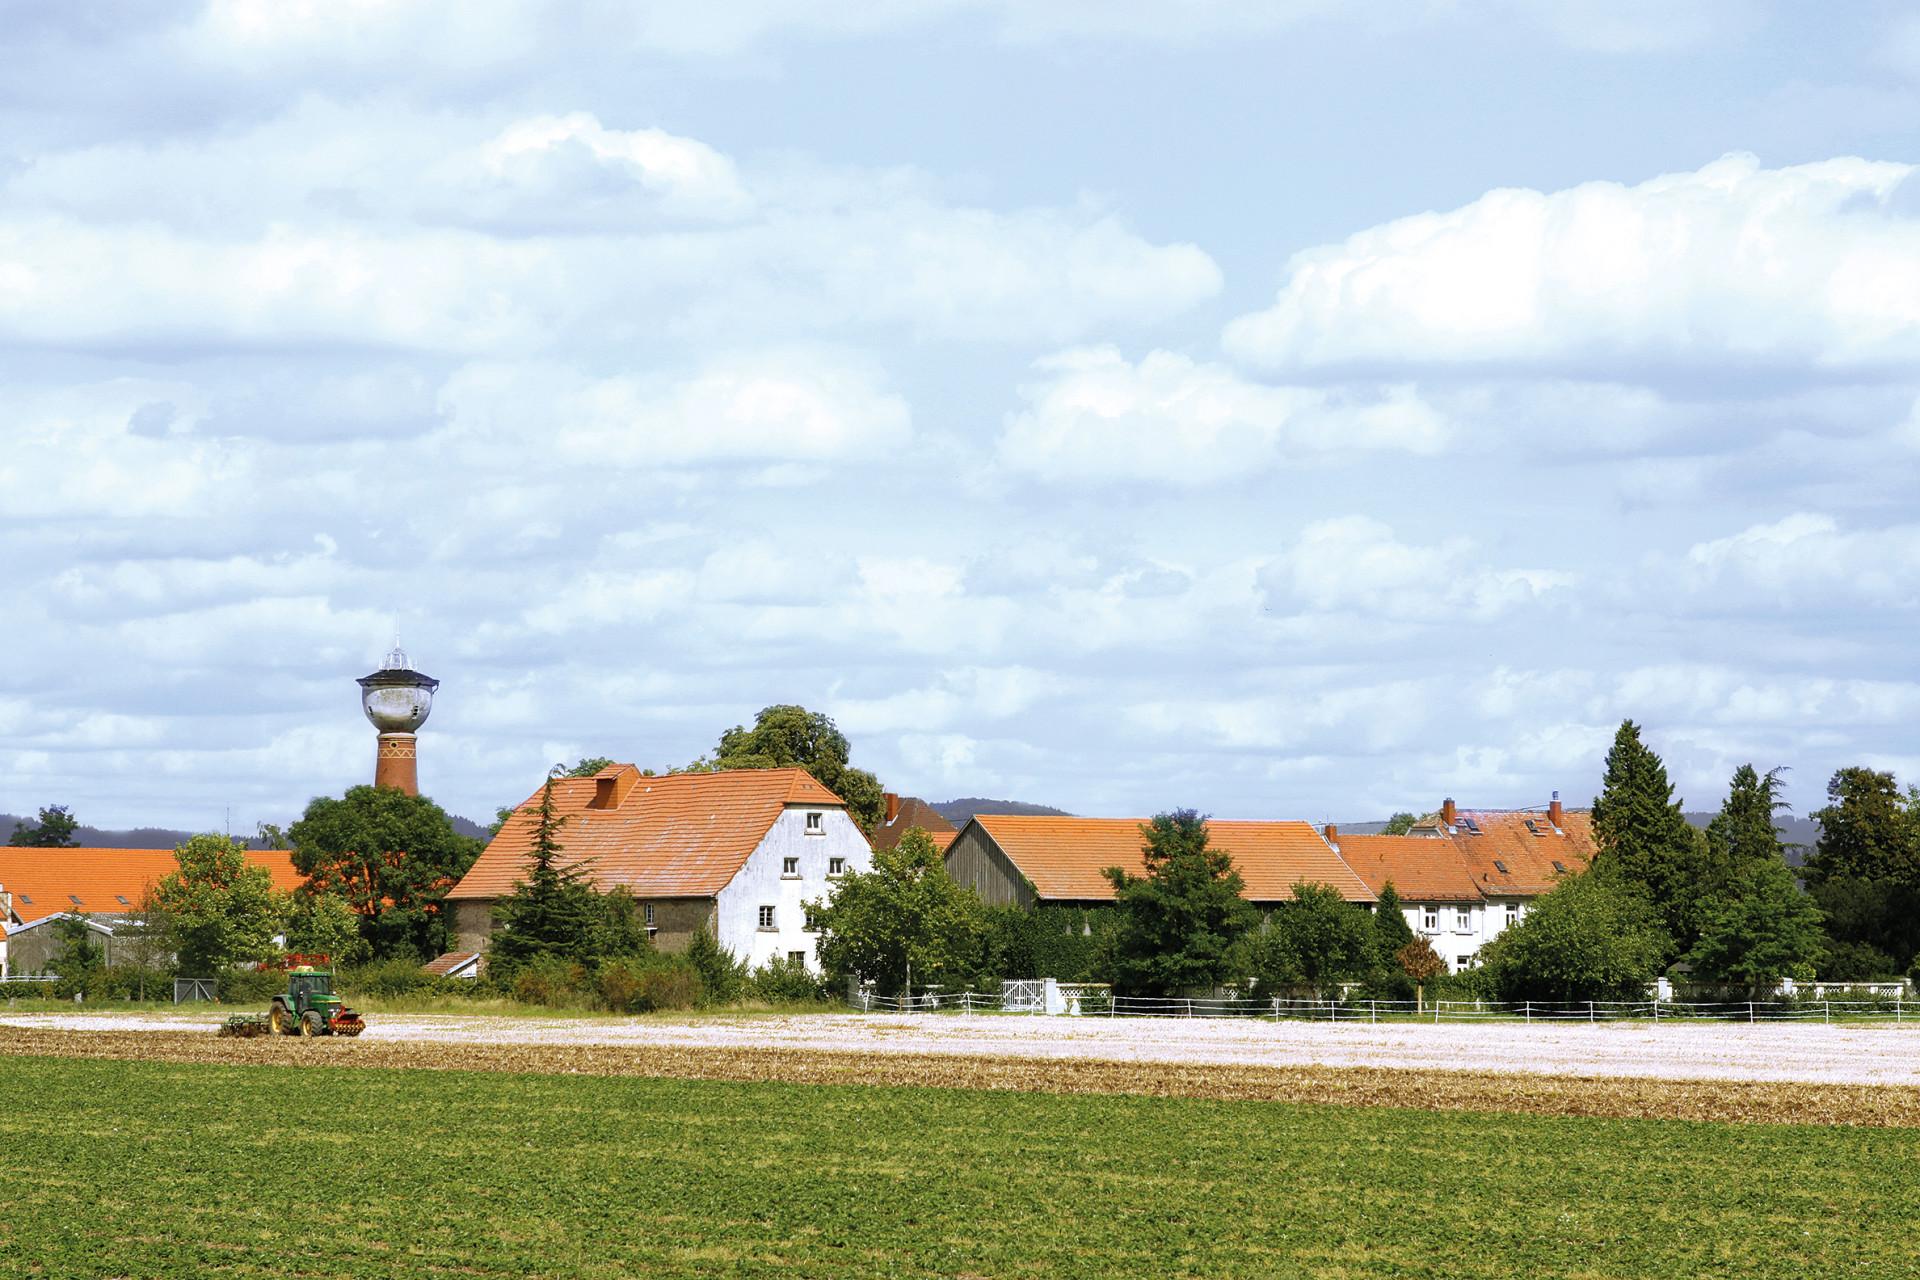 68259 Strassenheimer Hof